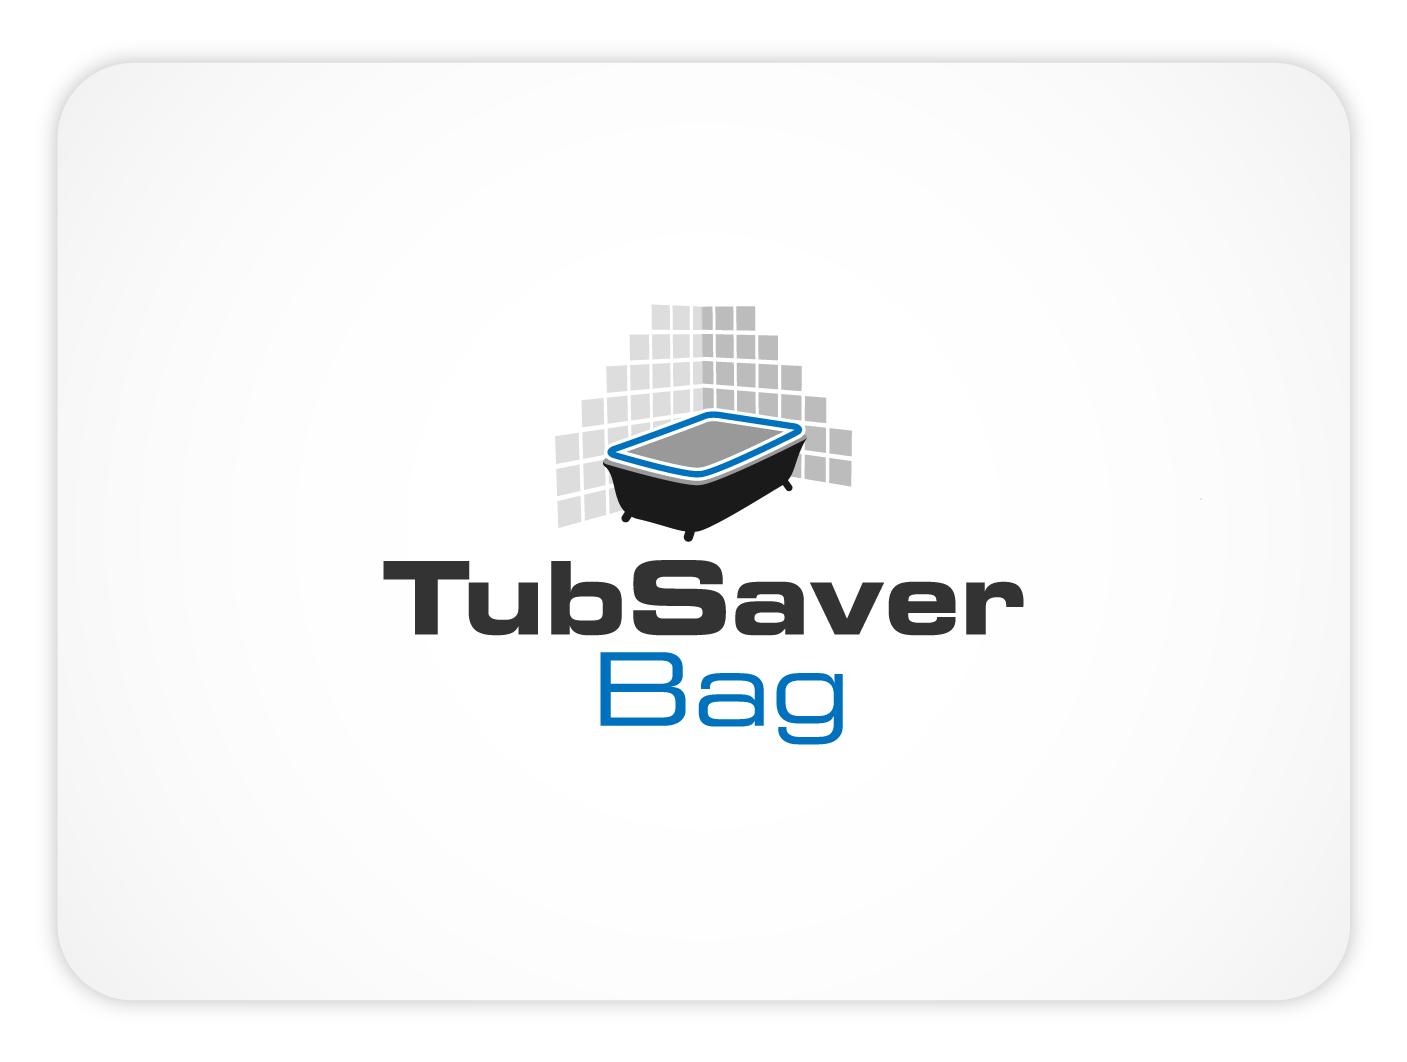 TubSaverBag needs a new logo